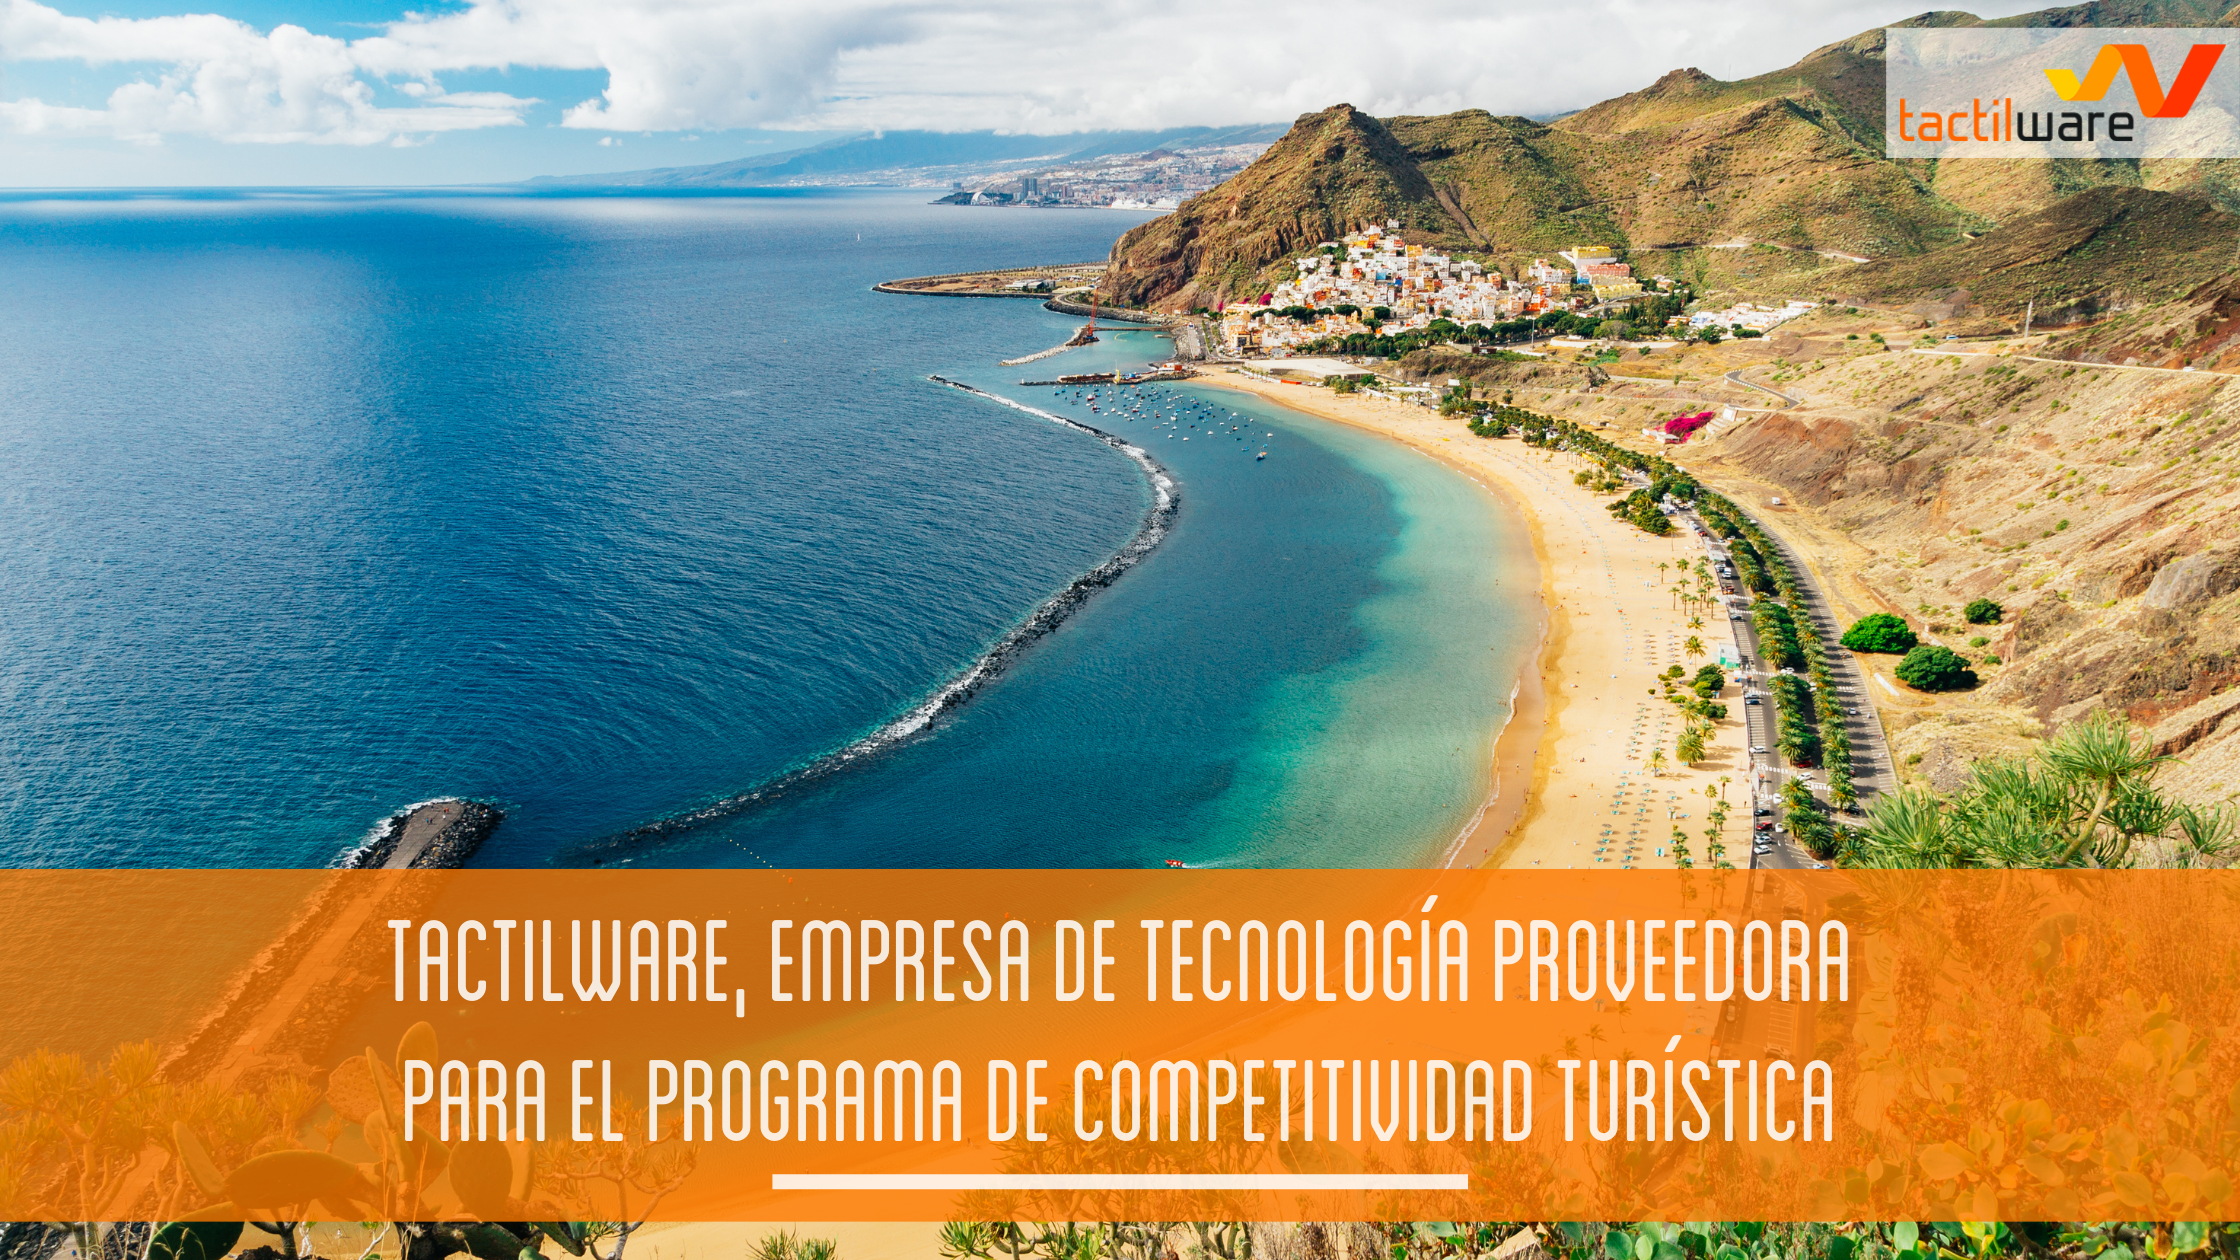 TACTILWARE, empresa de tecnología proveedora para el programa de competitividad turística (Convocatoria Cámara de Comercio Santa Cruz de Tenerife)